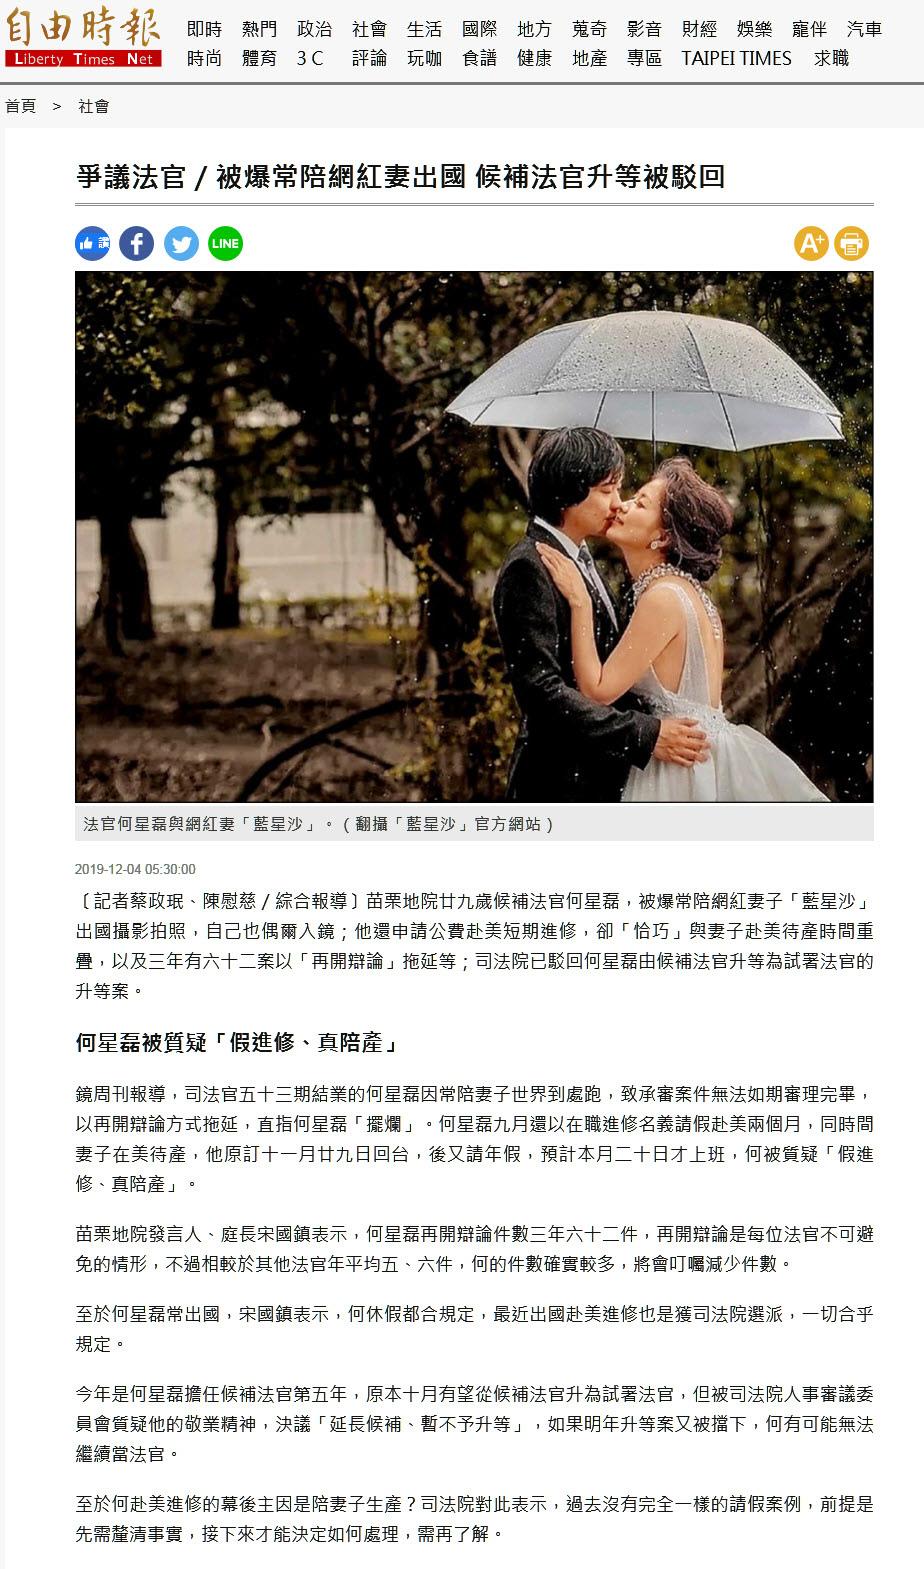 爭議法官/被爆常陪網紅妻出國 候補法官升等被駁回-2019.12.04.jpg